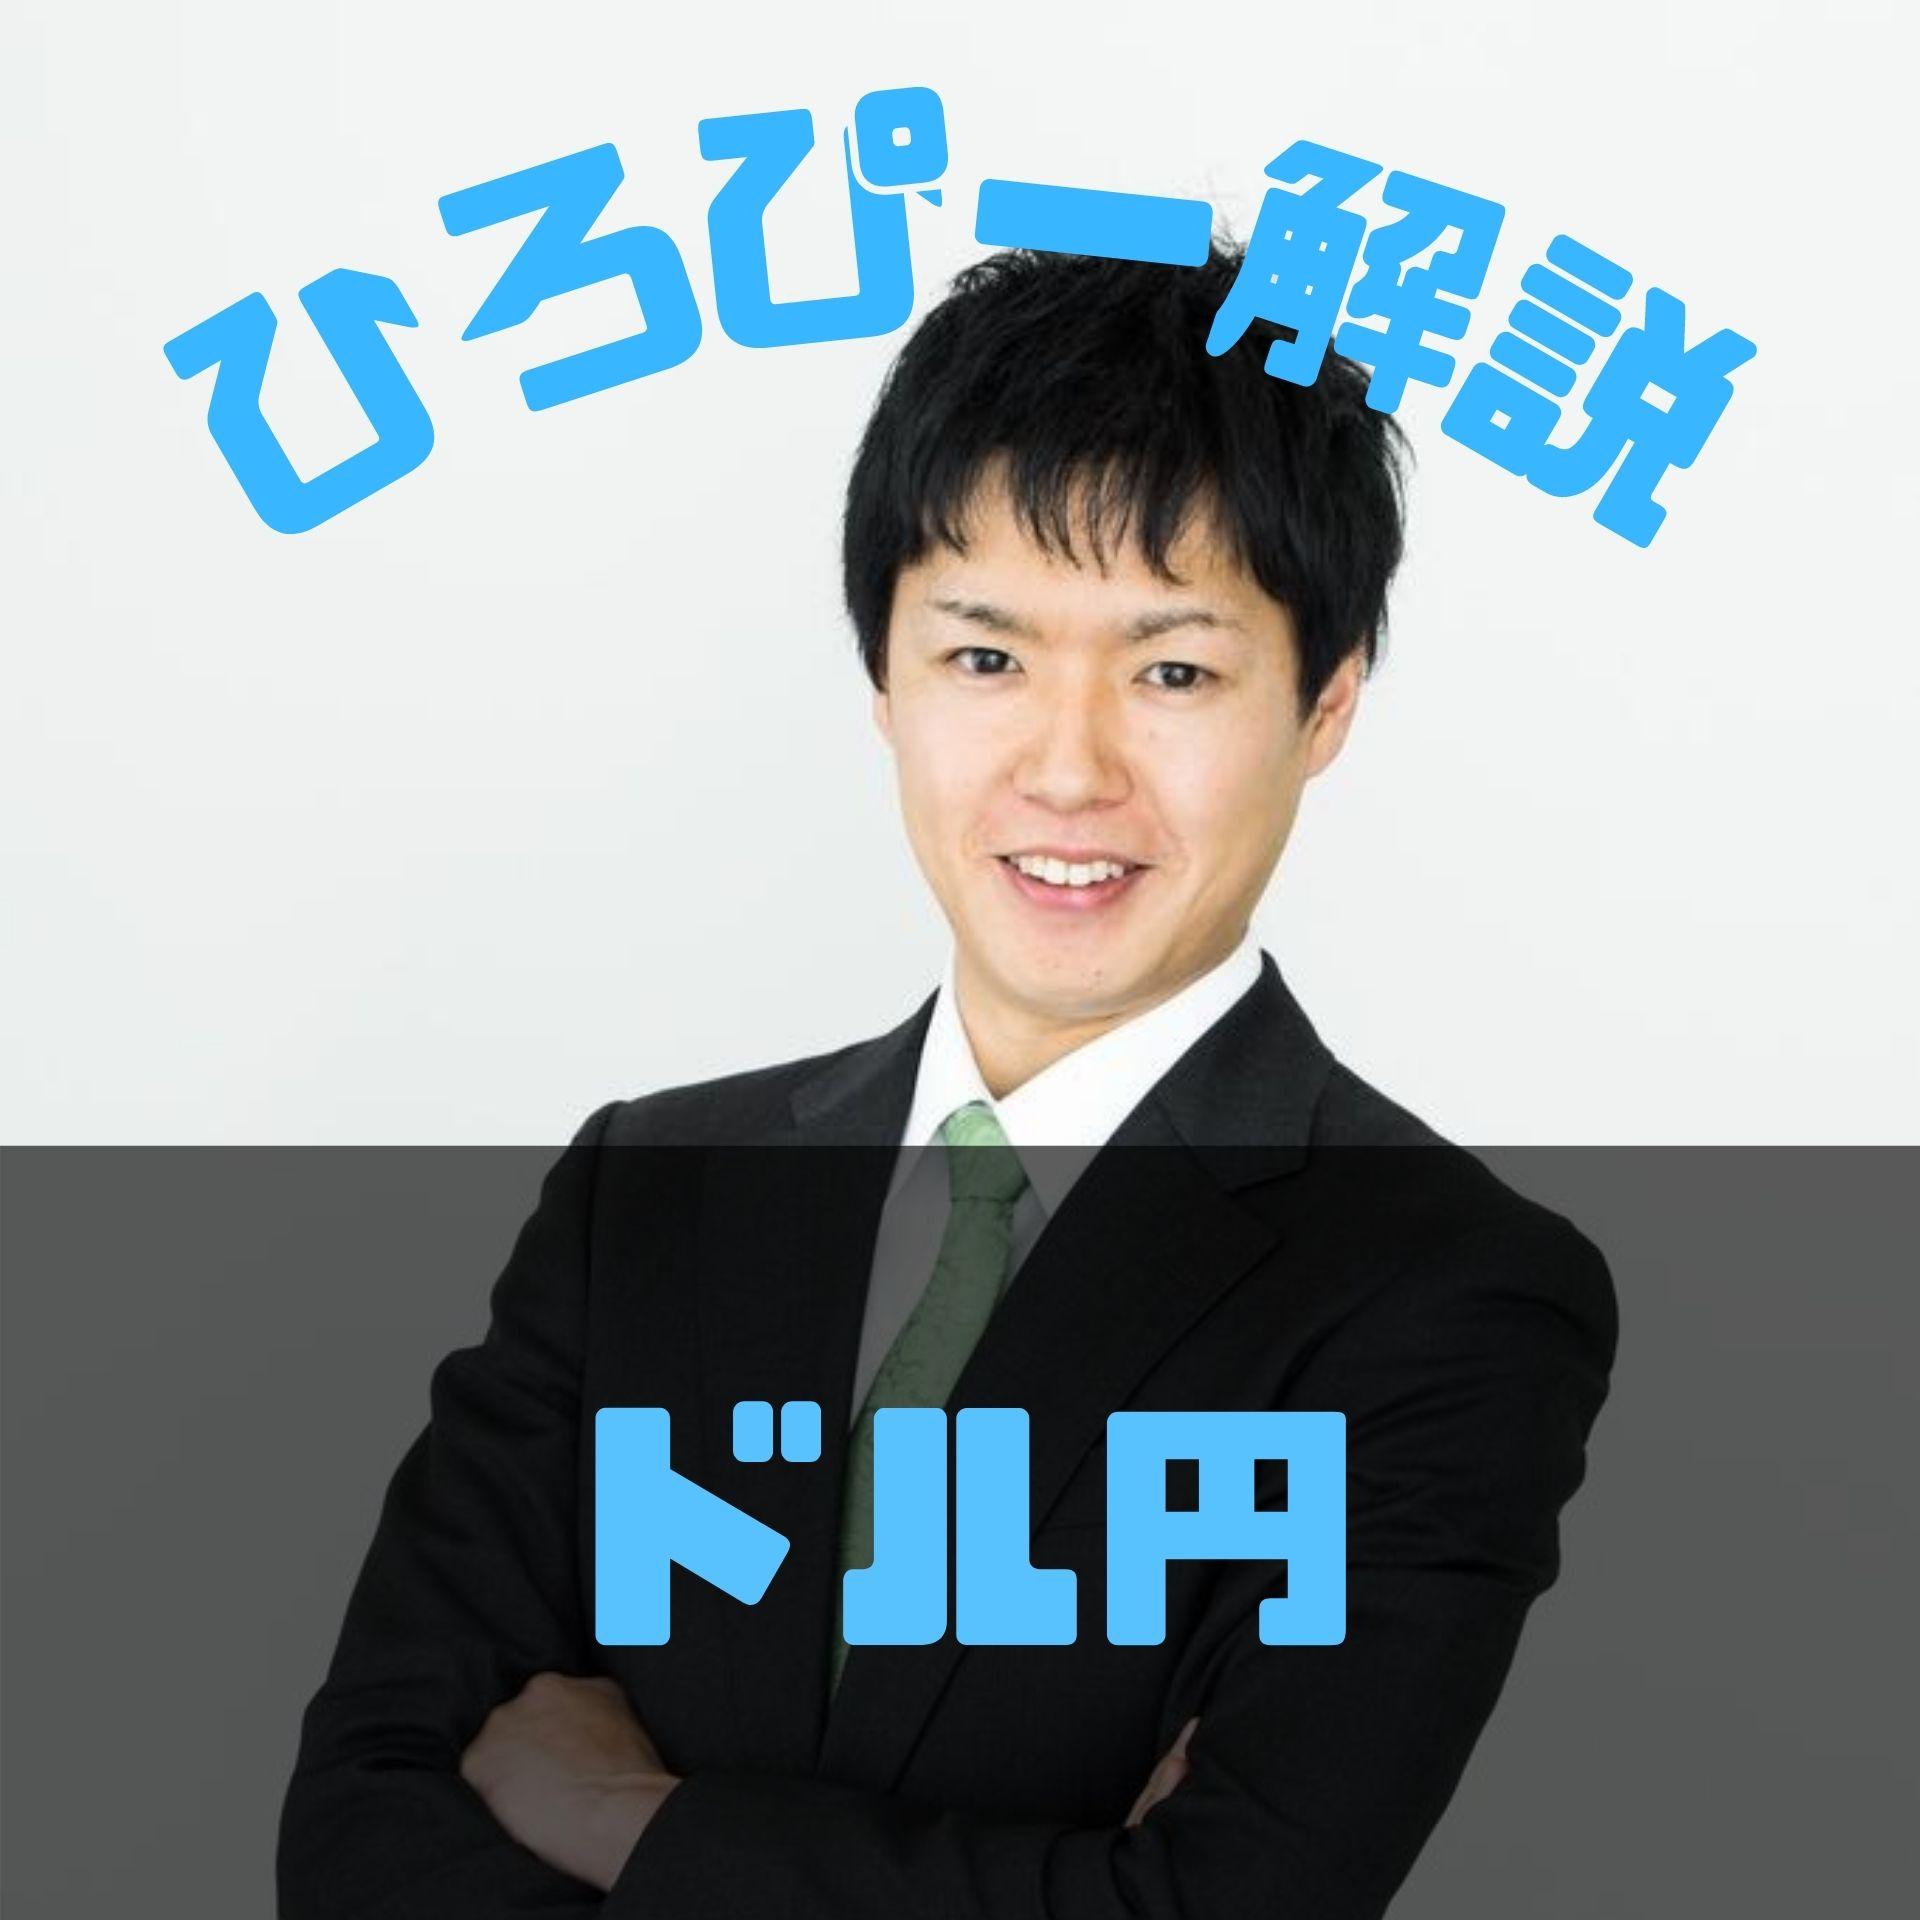 ドル円(USD/JPY)の特徴・今後を専門家ひろぴーがわかりやすく解説!